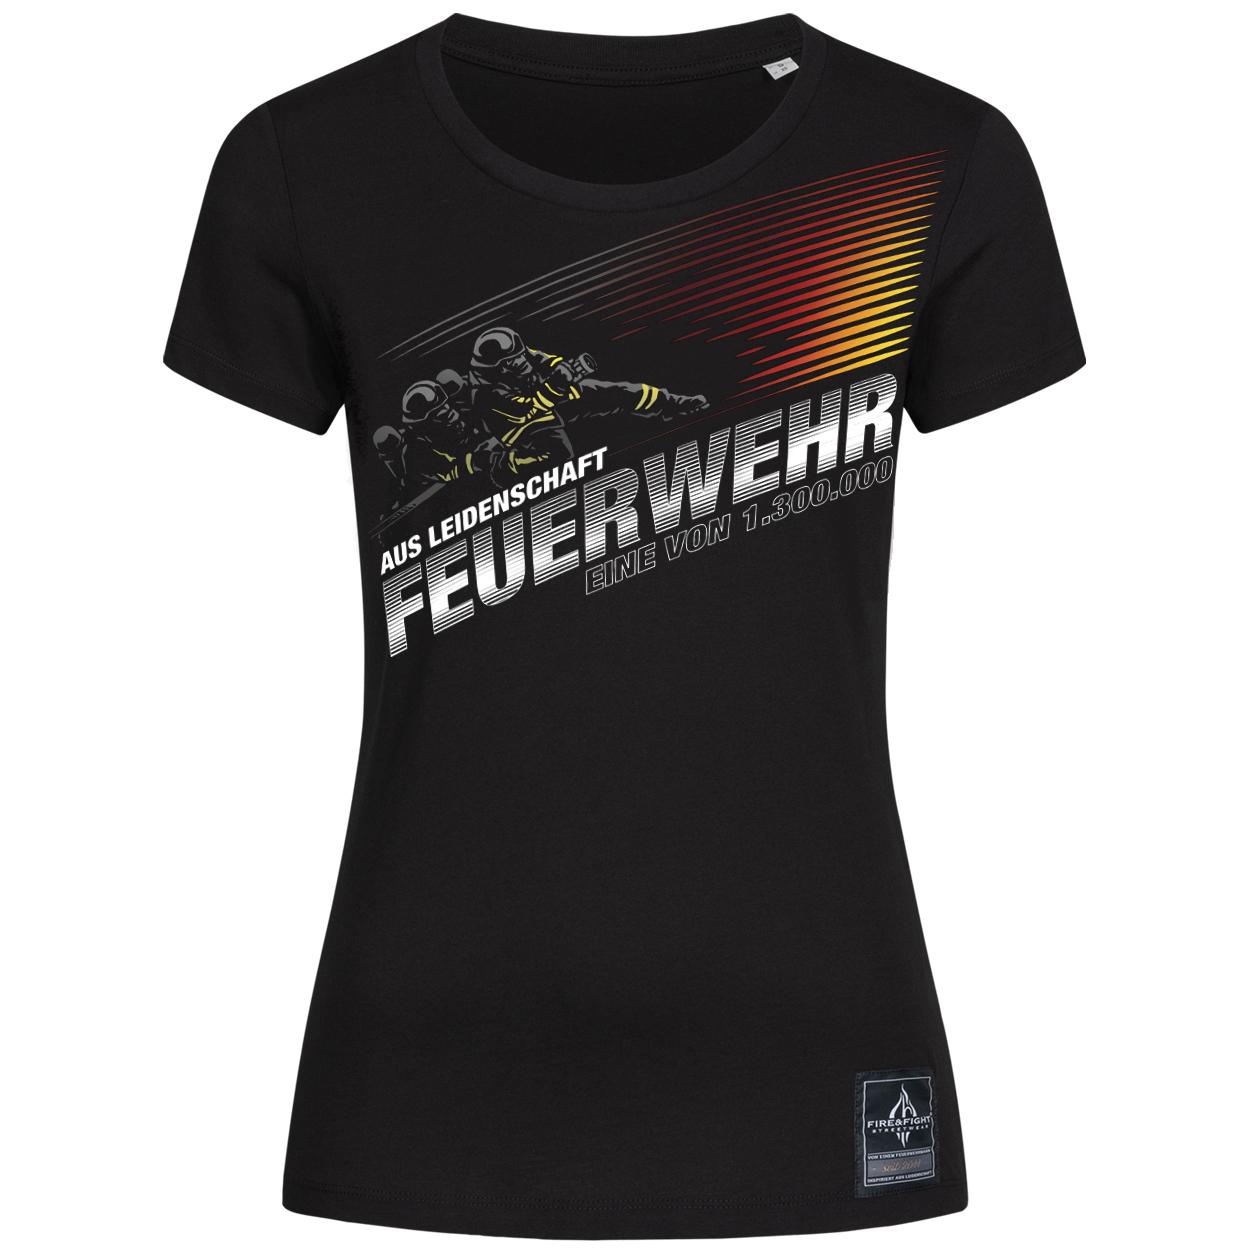 Aus Leidenschaft Feuerwehr Frauen T-Shirt